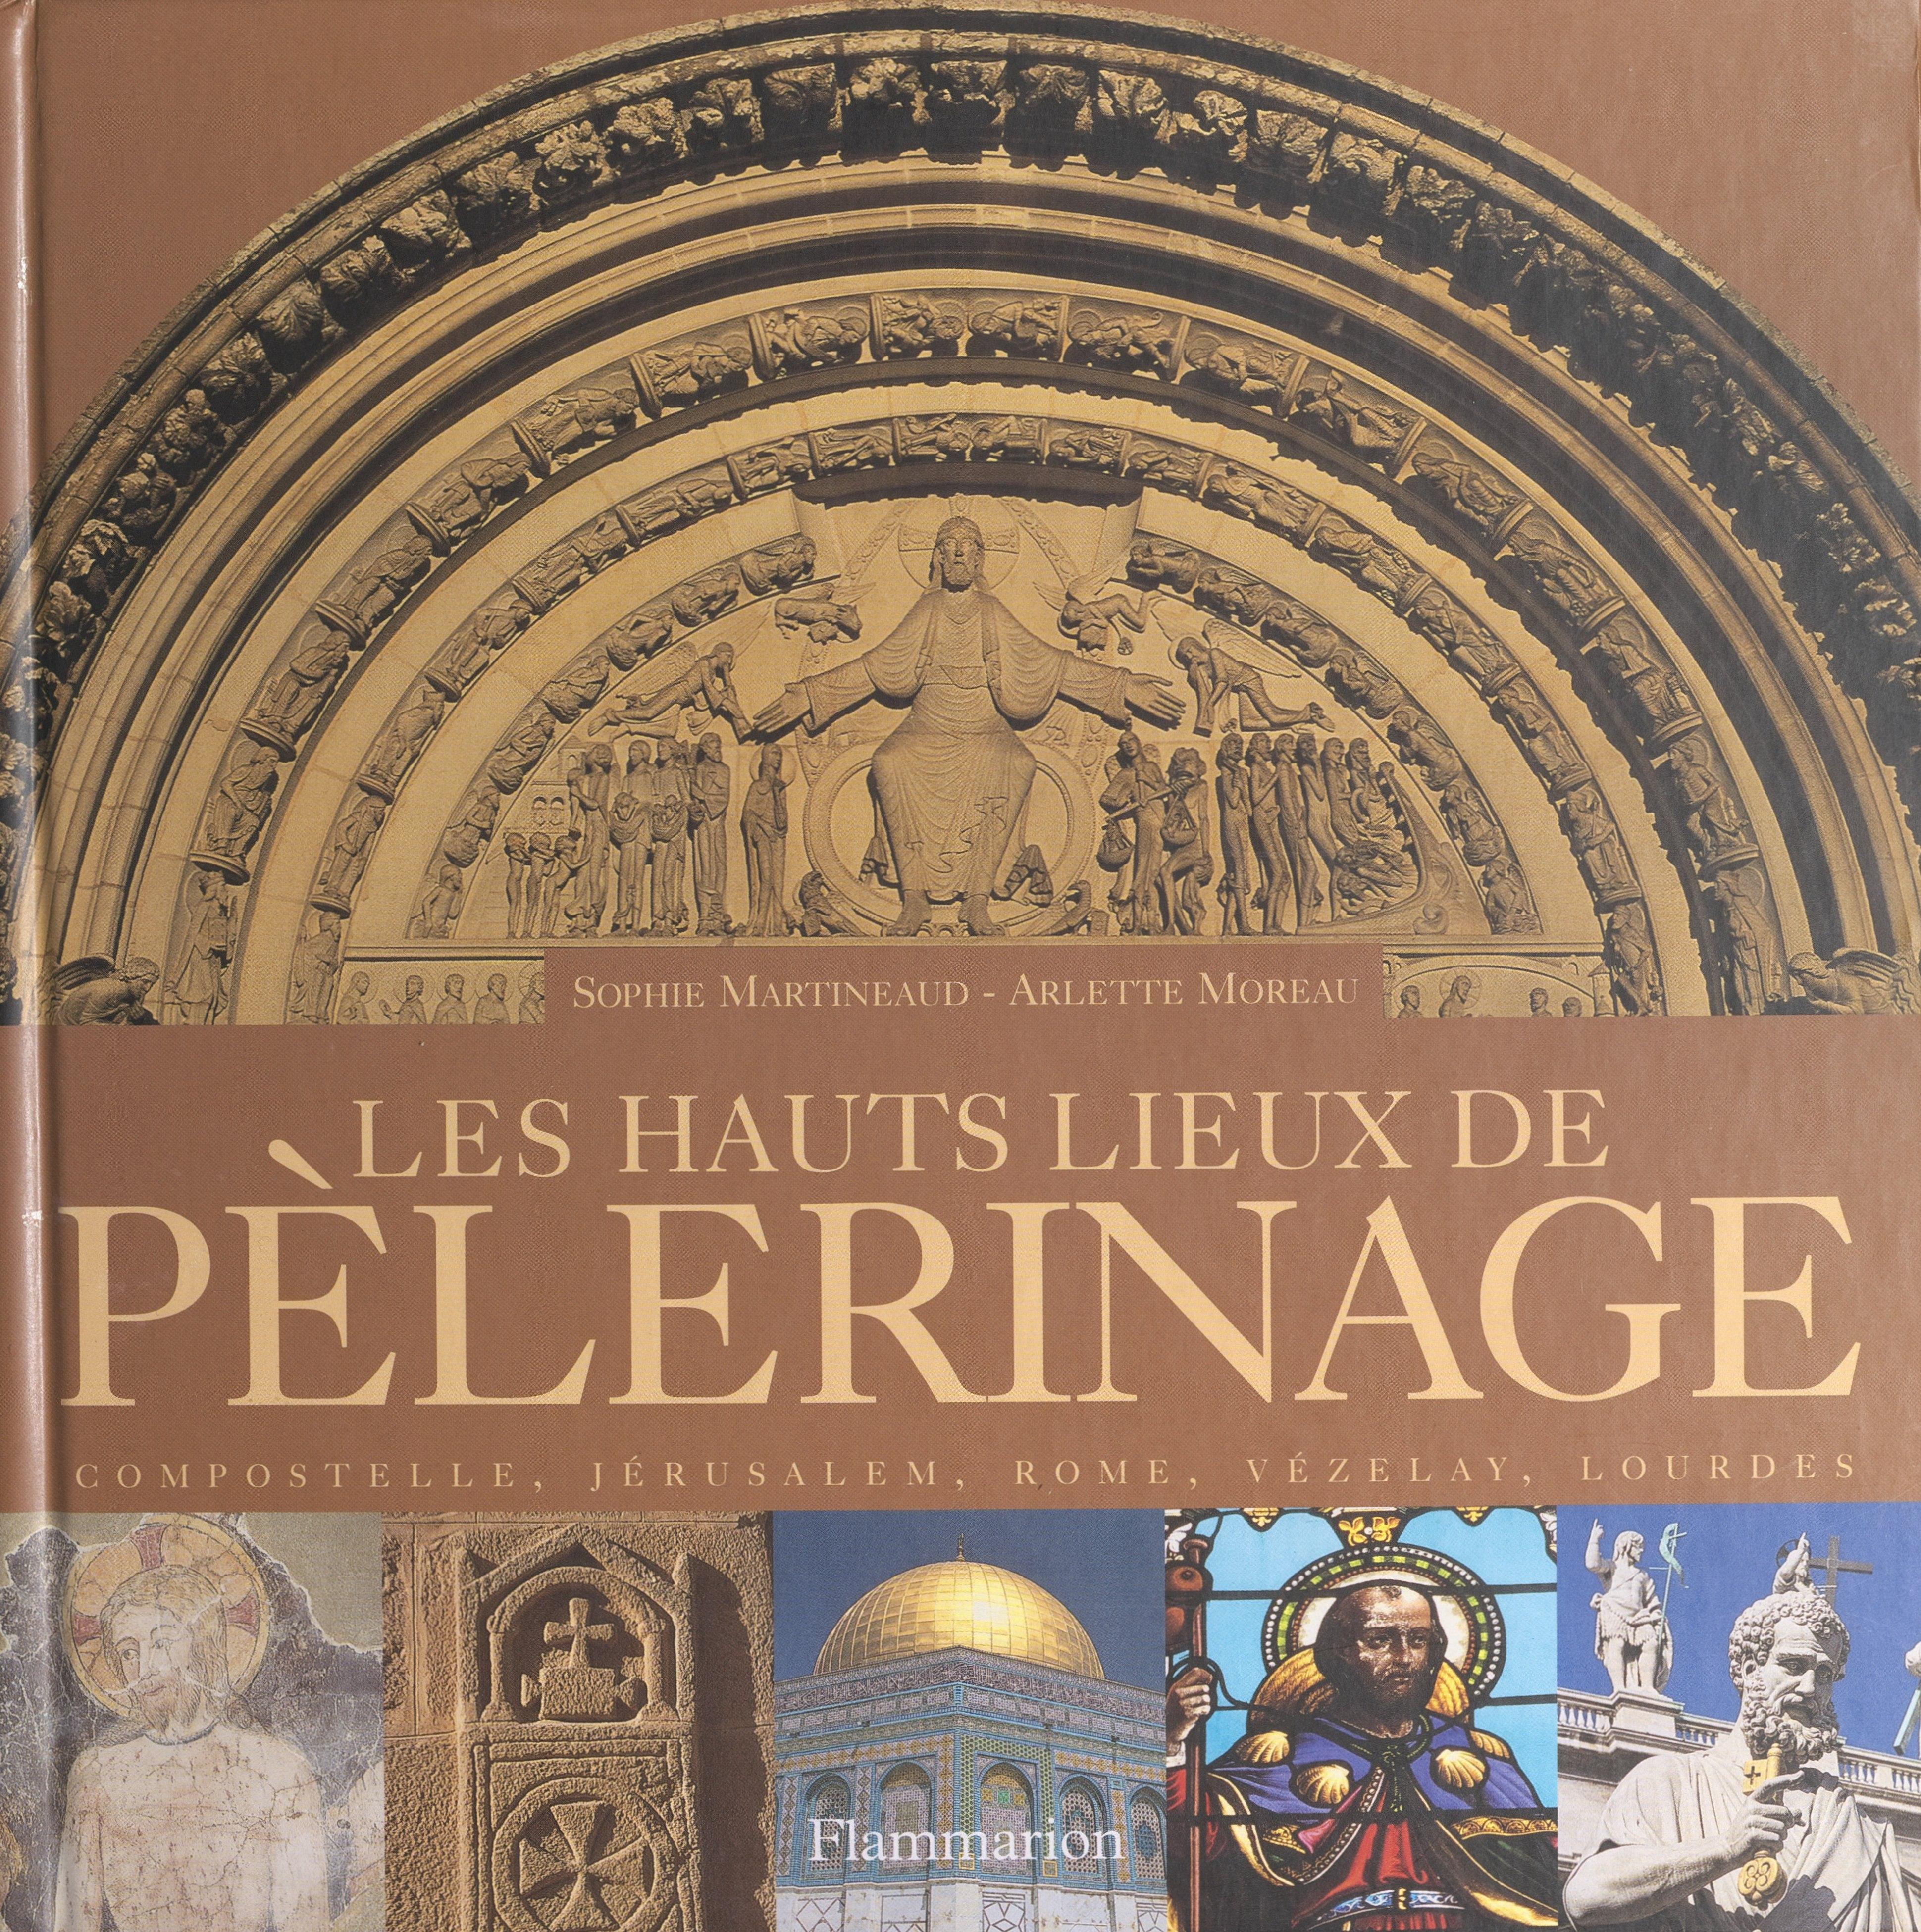 Les hauts lieux de pèlerinage